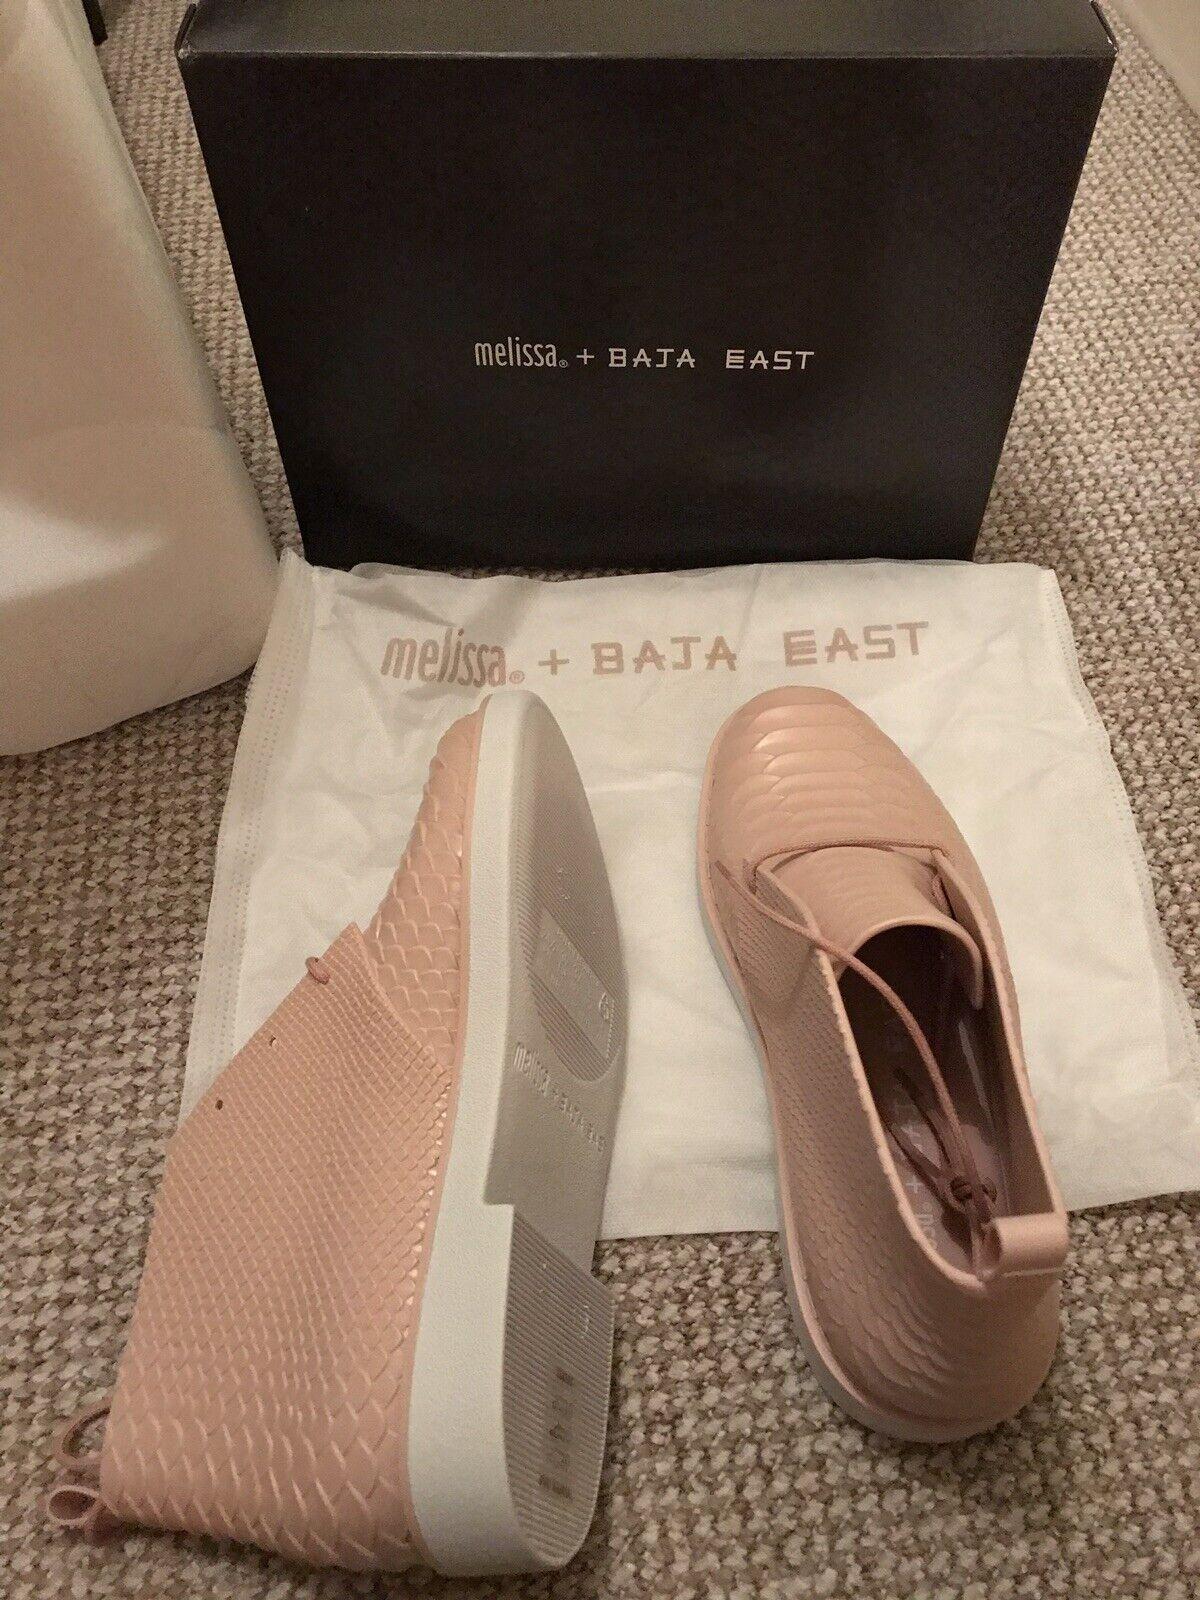 Melissa Baja East Python Chukka   Desert Boots  Pink   bluesh  UK 6  EU 39